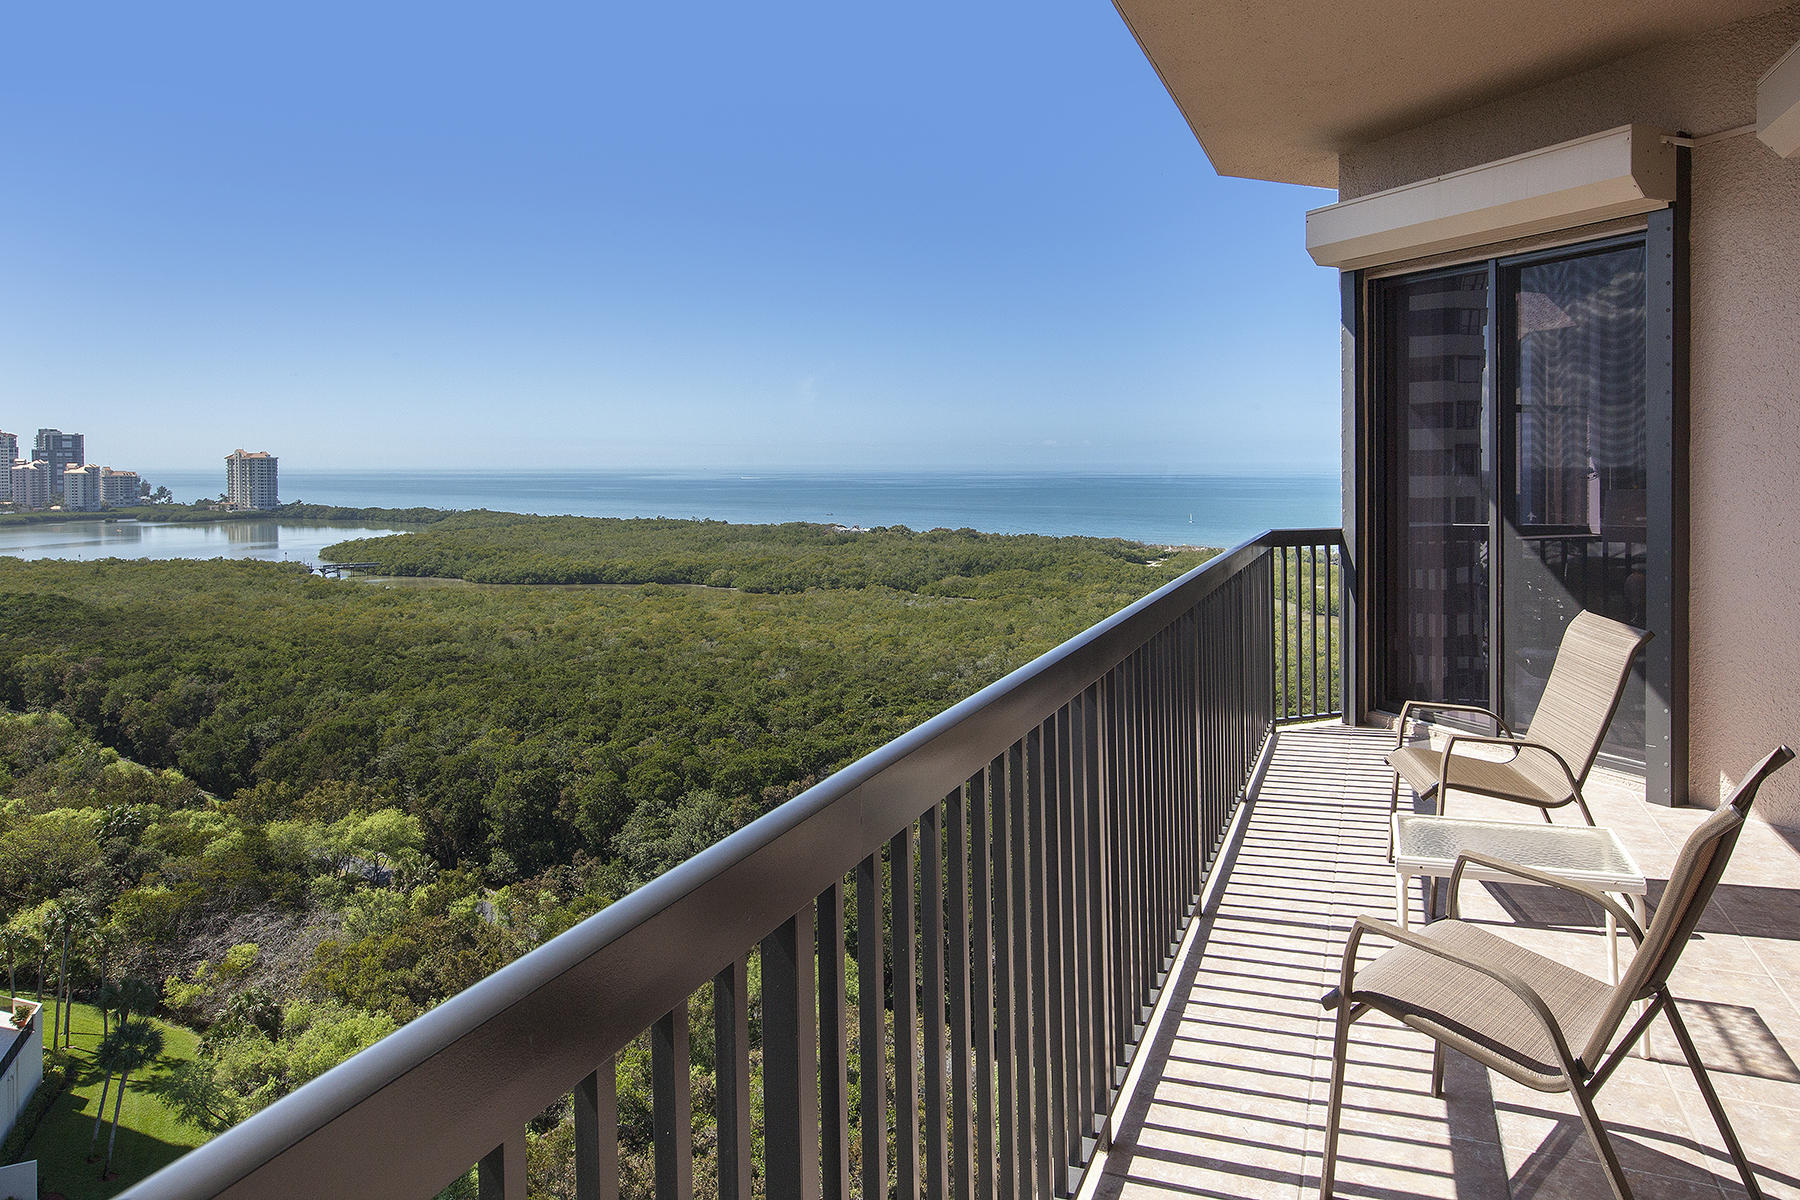 Condominium for Sale at 6075 Pelican Bay Blvd , PH-B, Naples, FL 34108 6075 Pelican Bay Blvd PH-B Naples, Florida 34108 United States